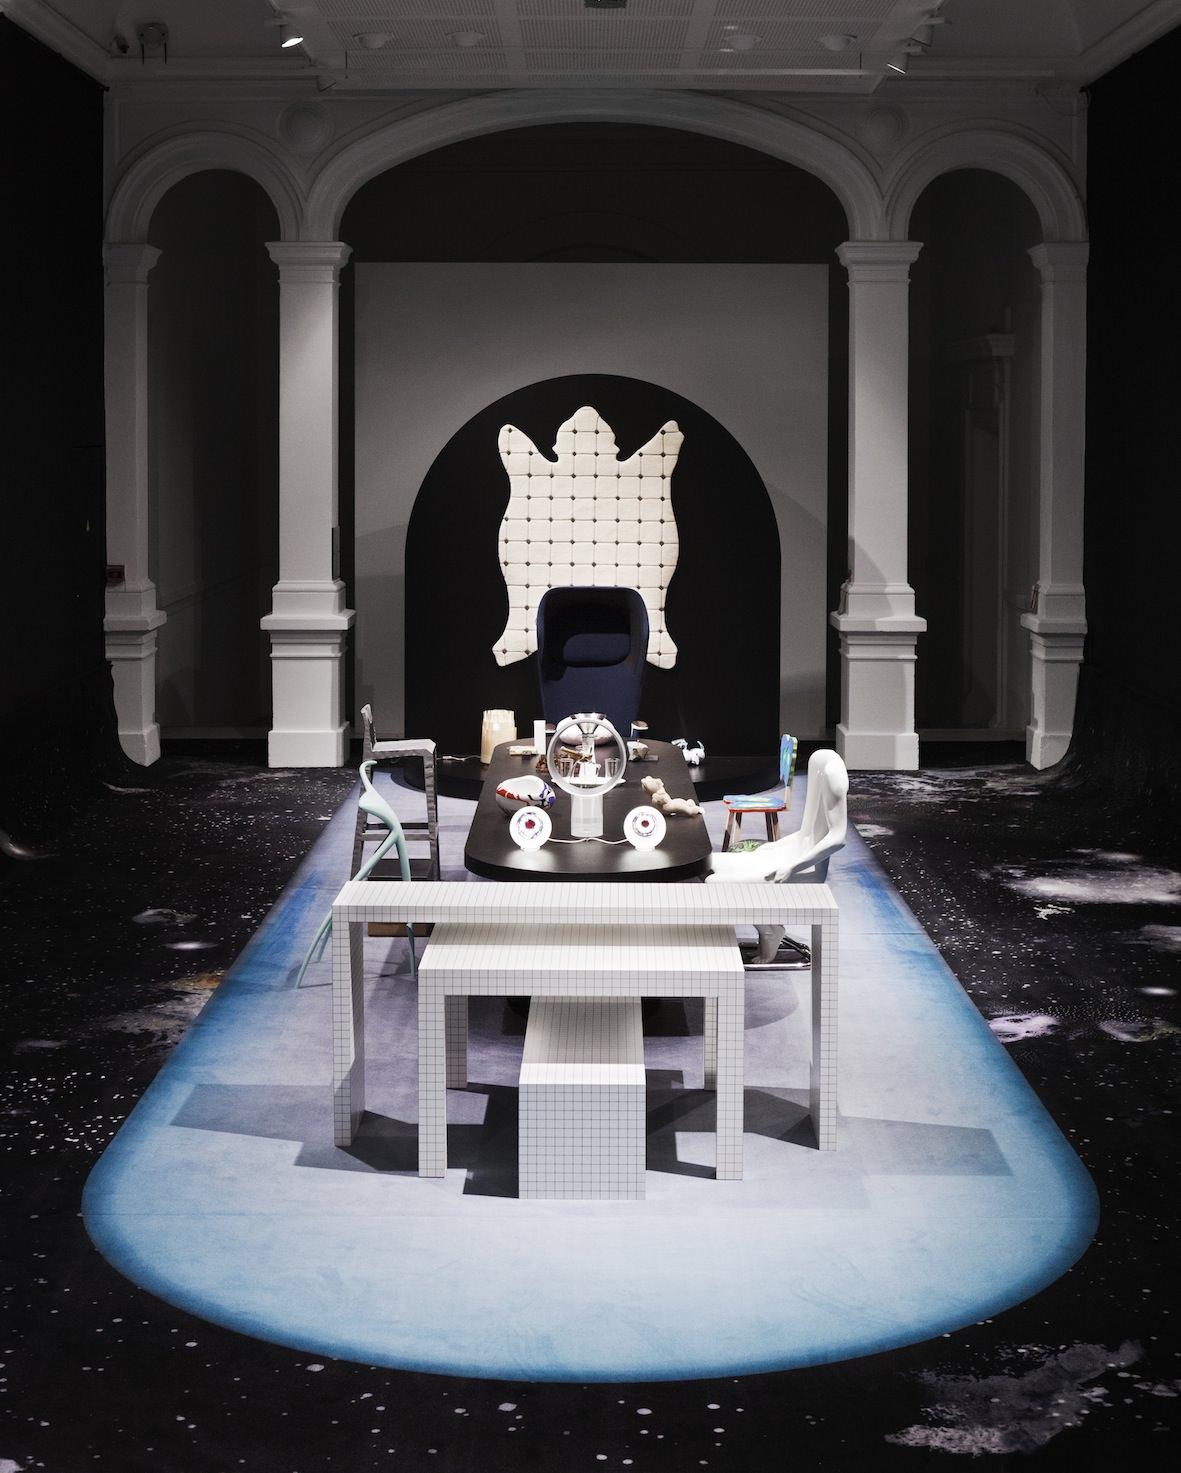 """""""Dans la première pièce, l'Office, se concentrent les appareils ménagers. On pénètre ensuite dans la Salle de réception, puis dans l'Aire de jeux, et enfin dans uneAntichambre, annonciatrice du futur"""",conclut Juliette Pollet. Ce dernier espace fait la part belle aux inquiétudes contemporaines et auxobjets plus étranges qui y renvoient, à travers de très belles pièces de Philippe Starck (Tabouret W.W., 1991), d'Erwan et Ronan Bouroullec (Fauteuil à roulettesWorkbay, 2007) ou encore le tapis Peau d'ours (1983) de Pucci De Rossi placé aucentre.   """"Zones de confort, collection design du Centre national desarts plastiques"""", Galerie Poirel, 3, rue Victor-Poirel, Nancy. Jusqu'au 18avril. www.poirel.nancy.fr  Commissariat : Juliette Pollet, responsable de la collection design au Cnap & Studio GGSV (Gaëlle Gabillet et Stéphane Villard) Scénographie : Studio GGSV"""